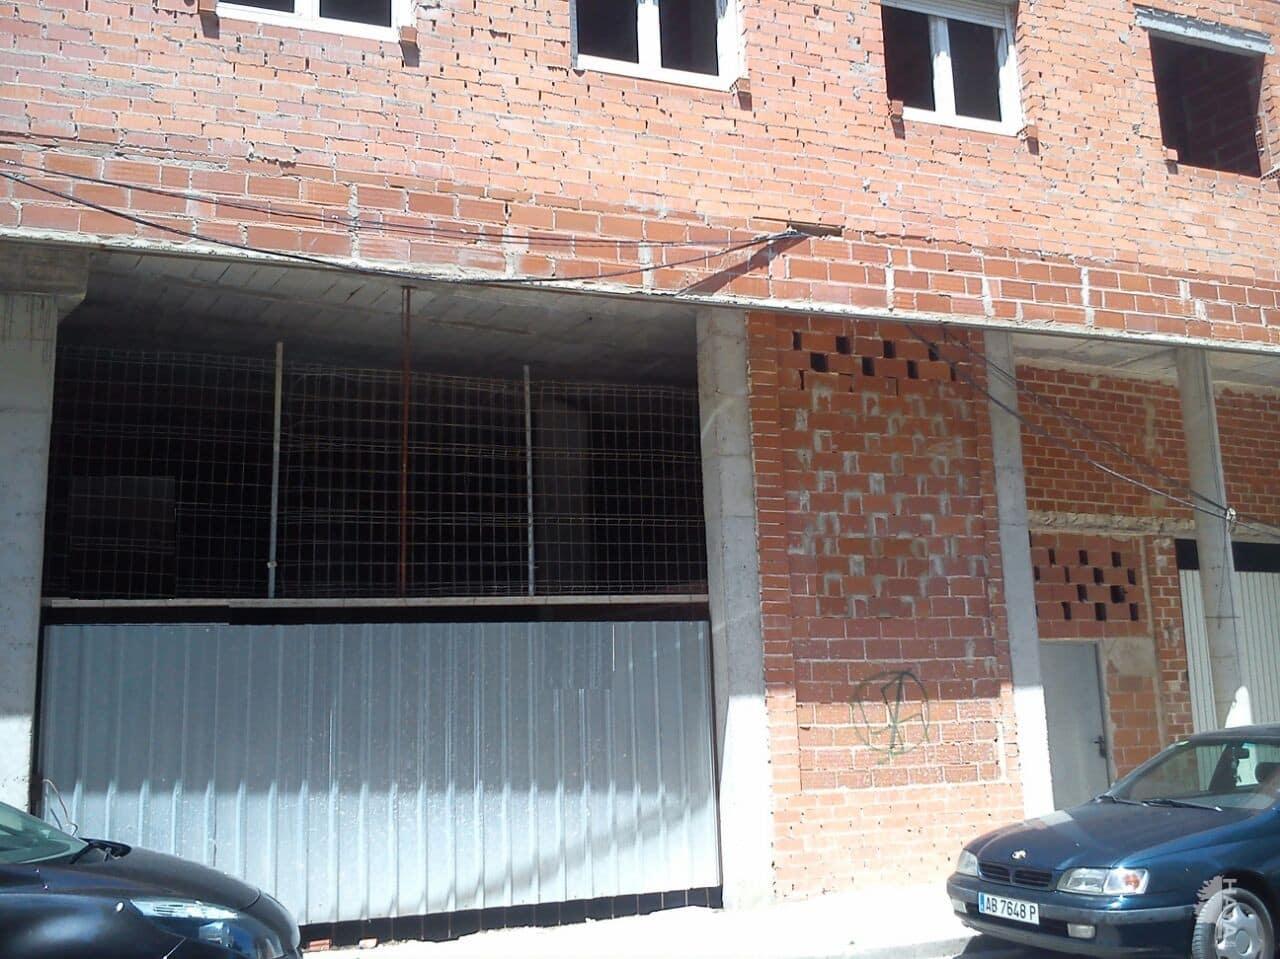 Piso en venta en La Roda, la Roda, Albacete, Calle Juan Garcia Glz, 38.900 €, 1 habitación, 1 baño, 107 m2